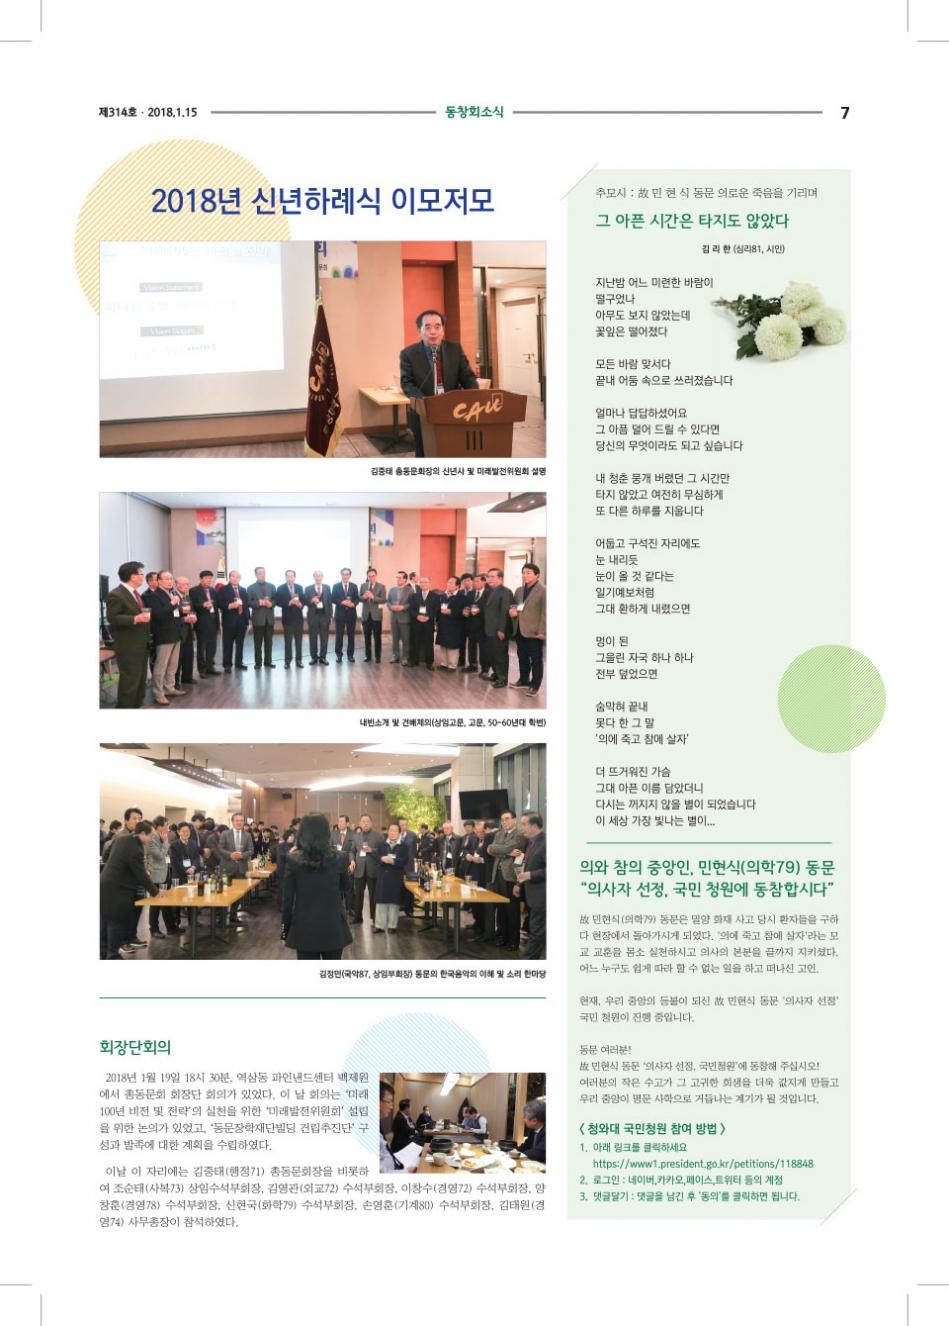 중총신문-18-2-15-최종00-OL인쇄다시-(1)-7.jpg